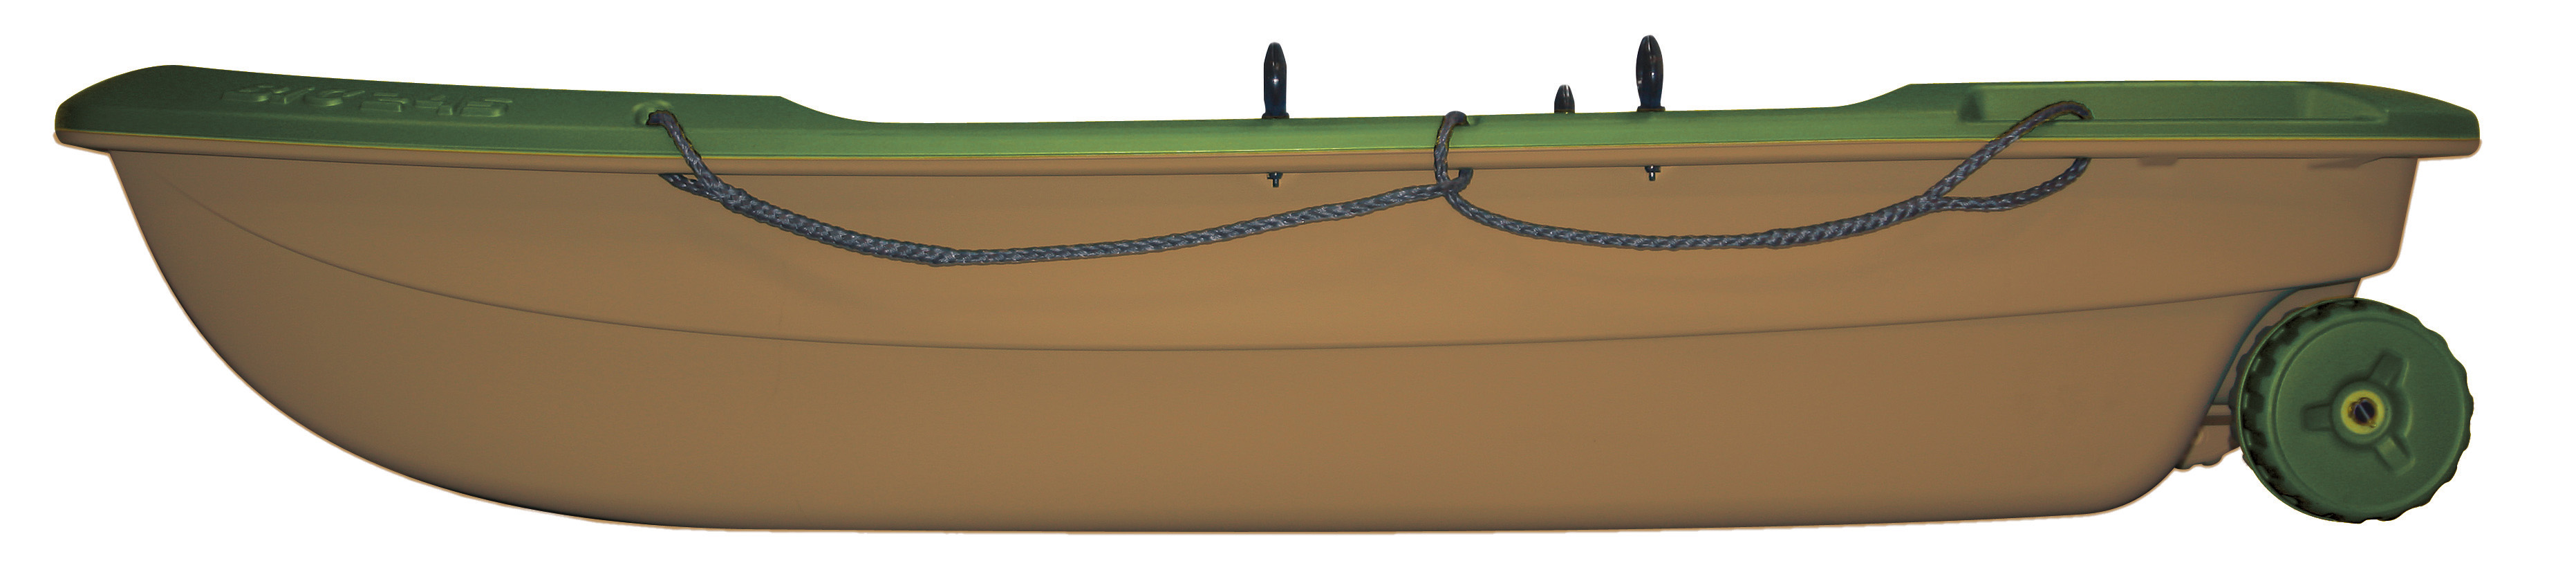 BIC Sportyak 245 Angelboot Ruderboot Spiegelheck Außenborder Transportrollen